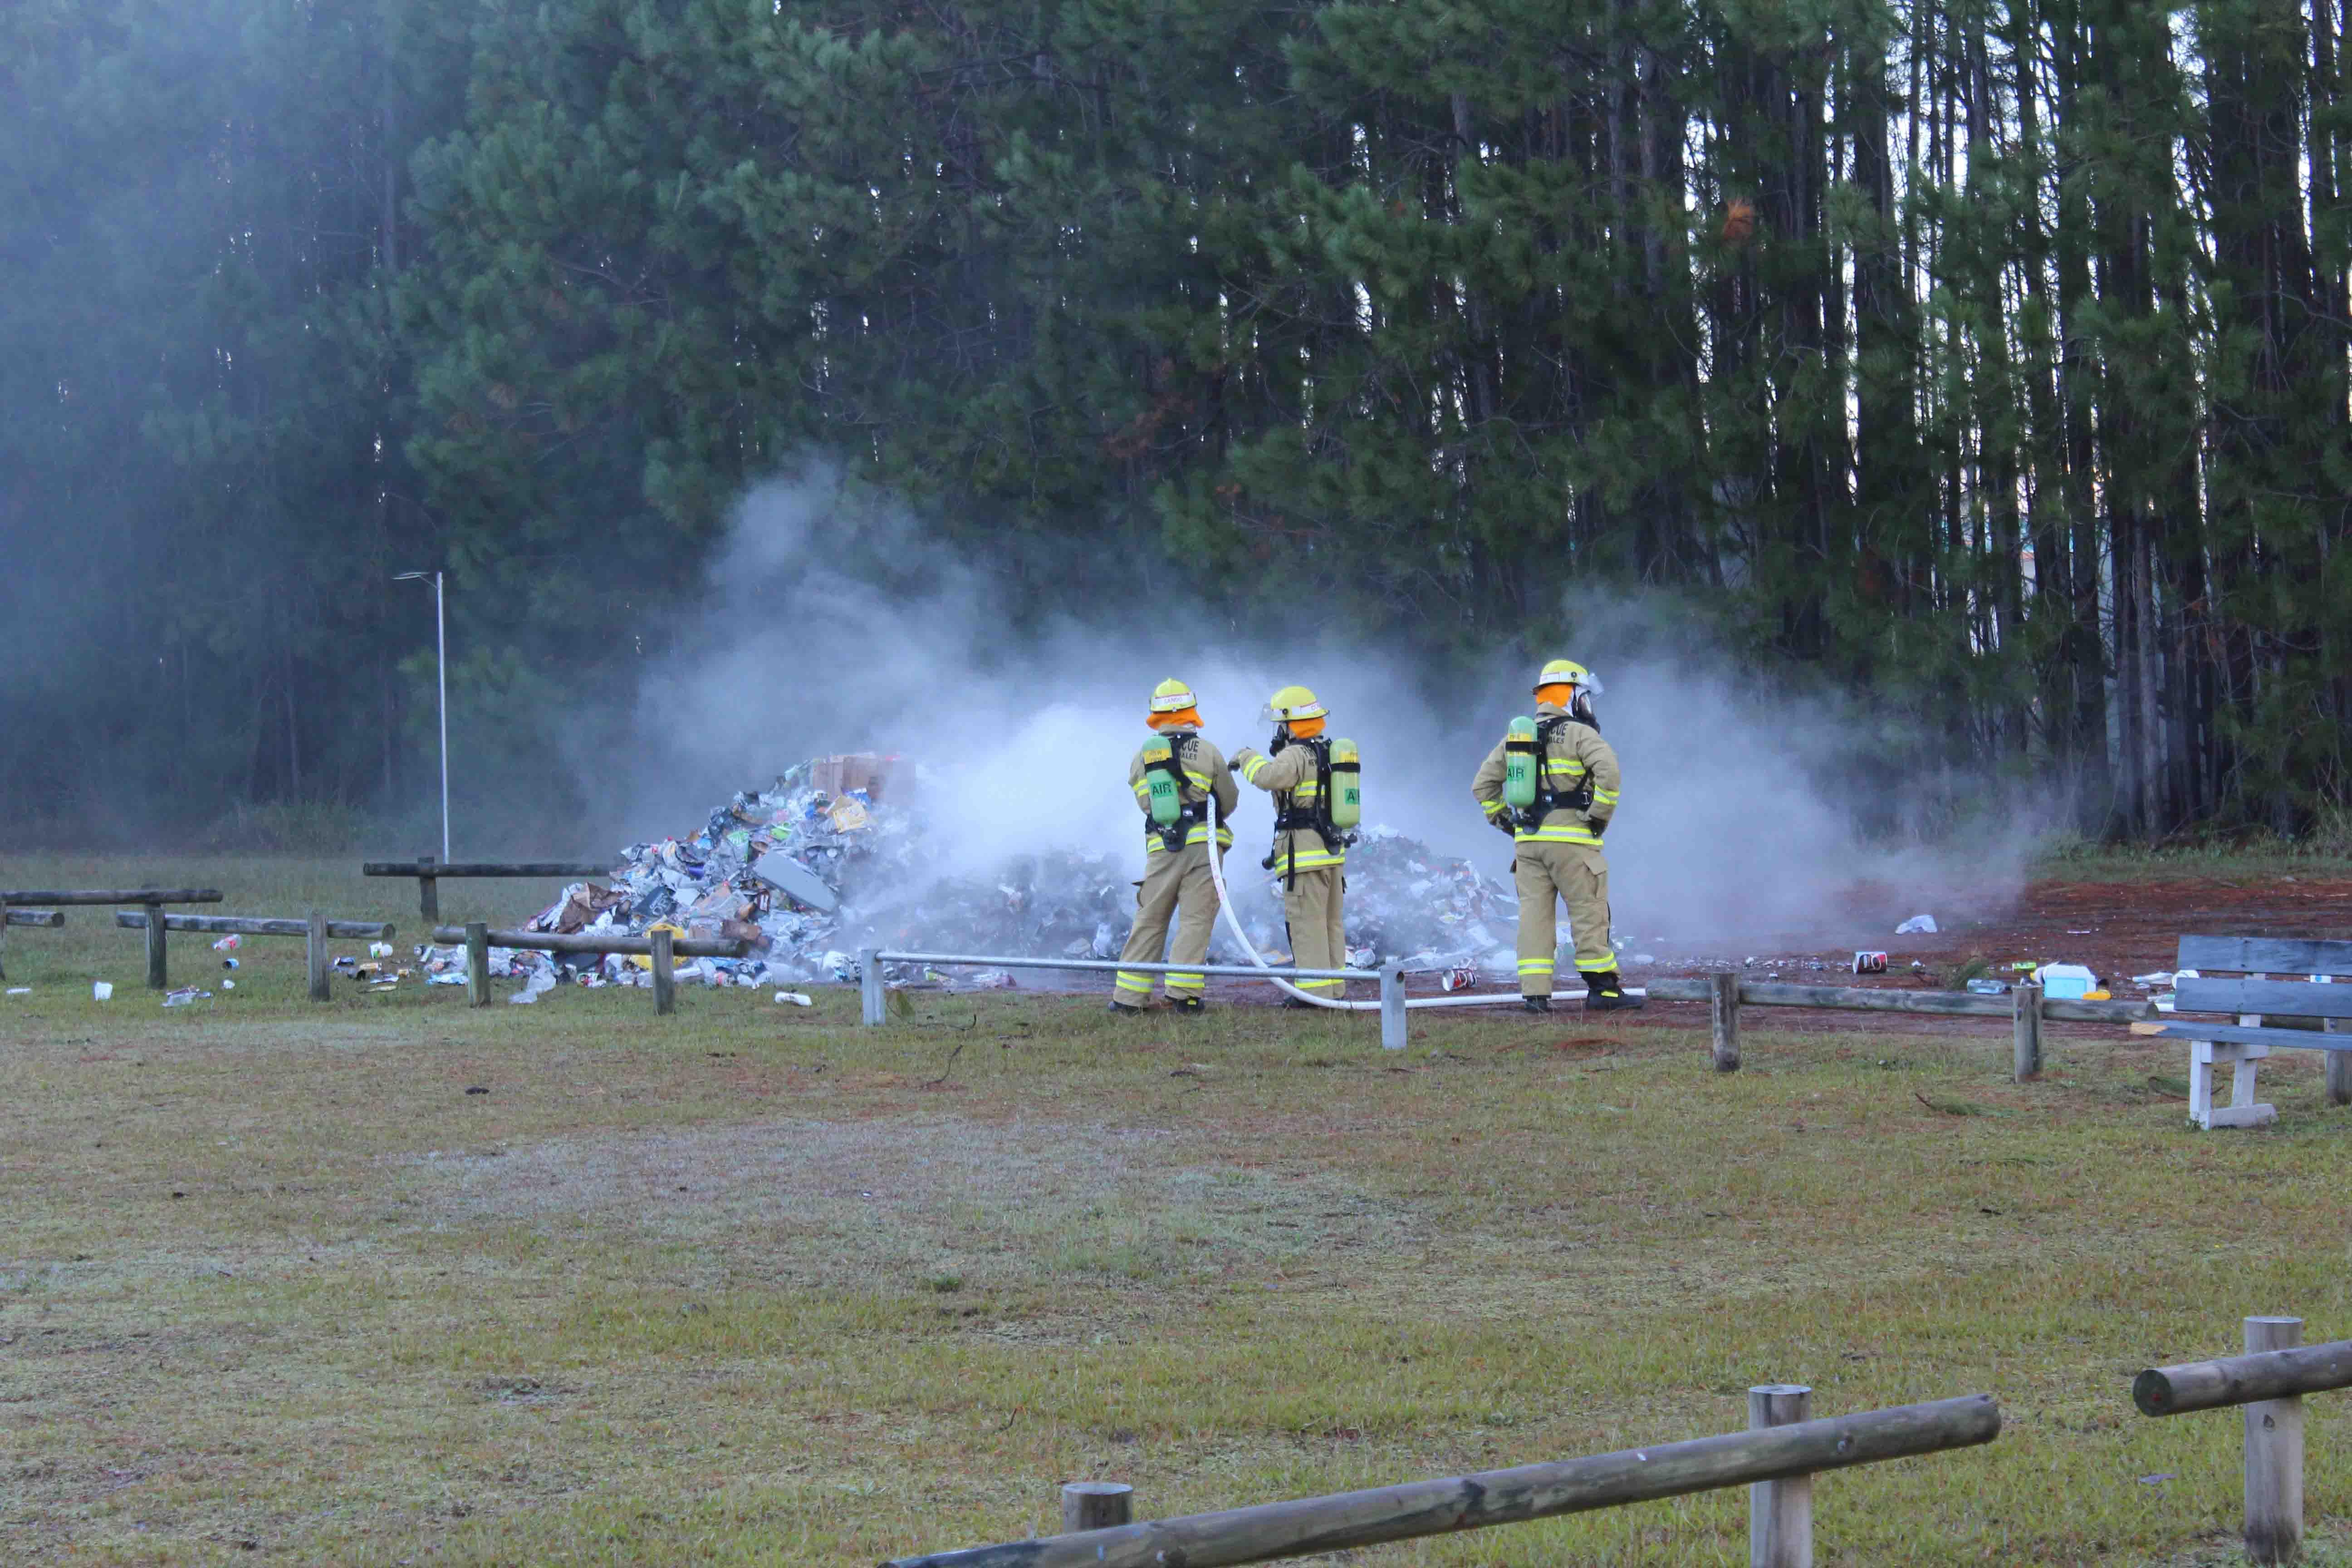 Truck at Tea Gardens caught fire2